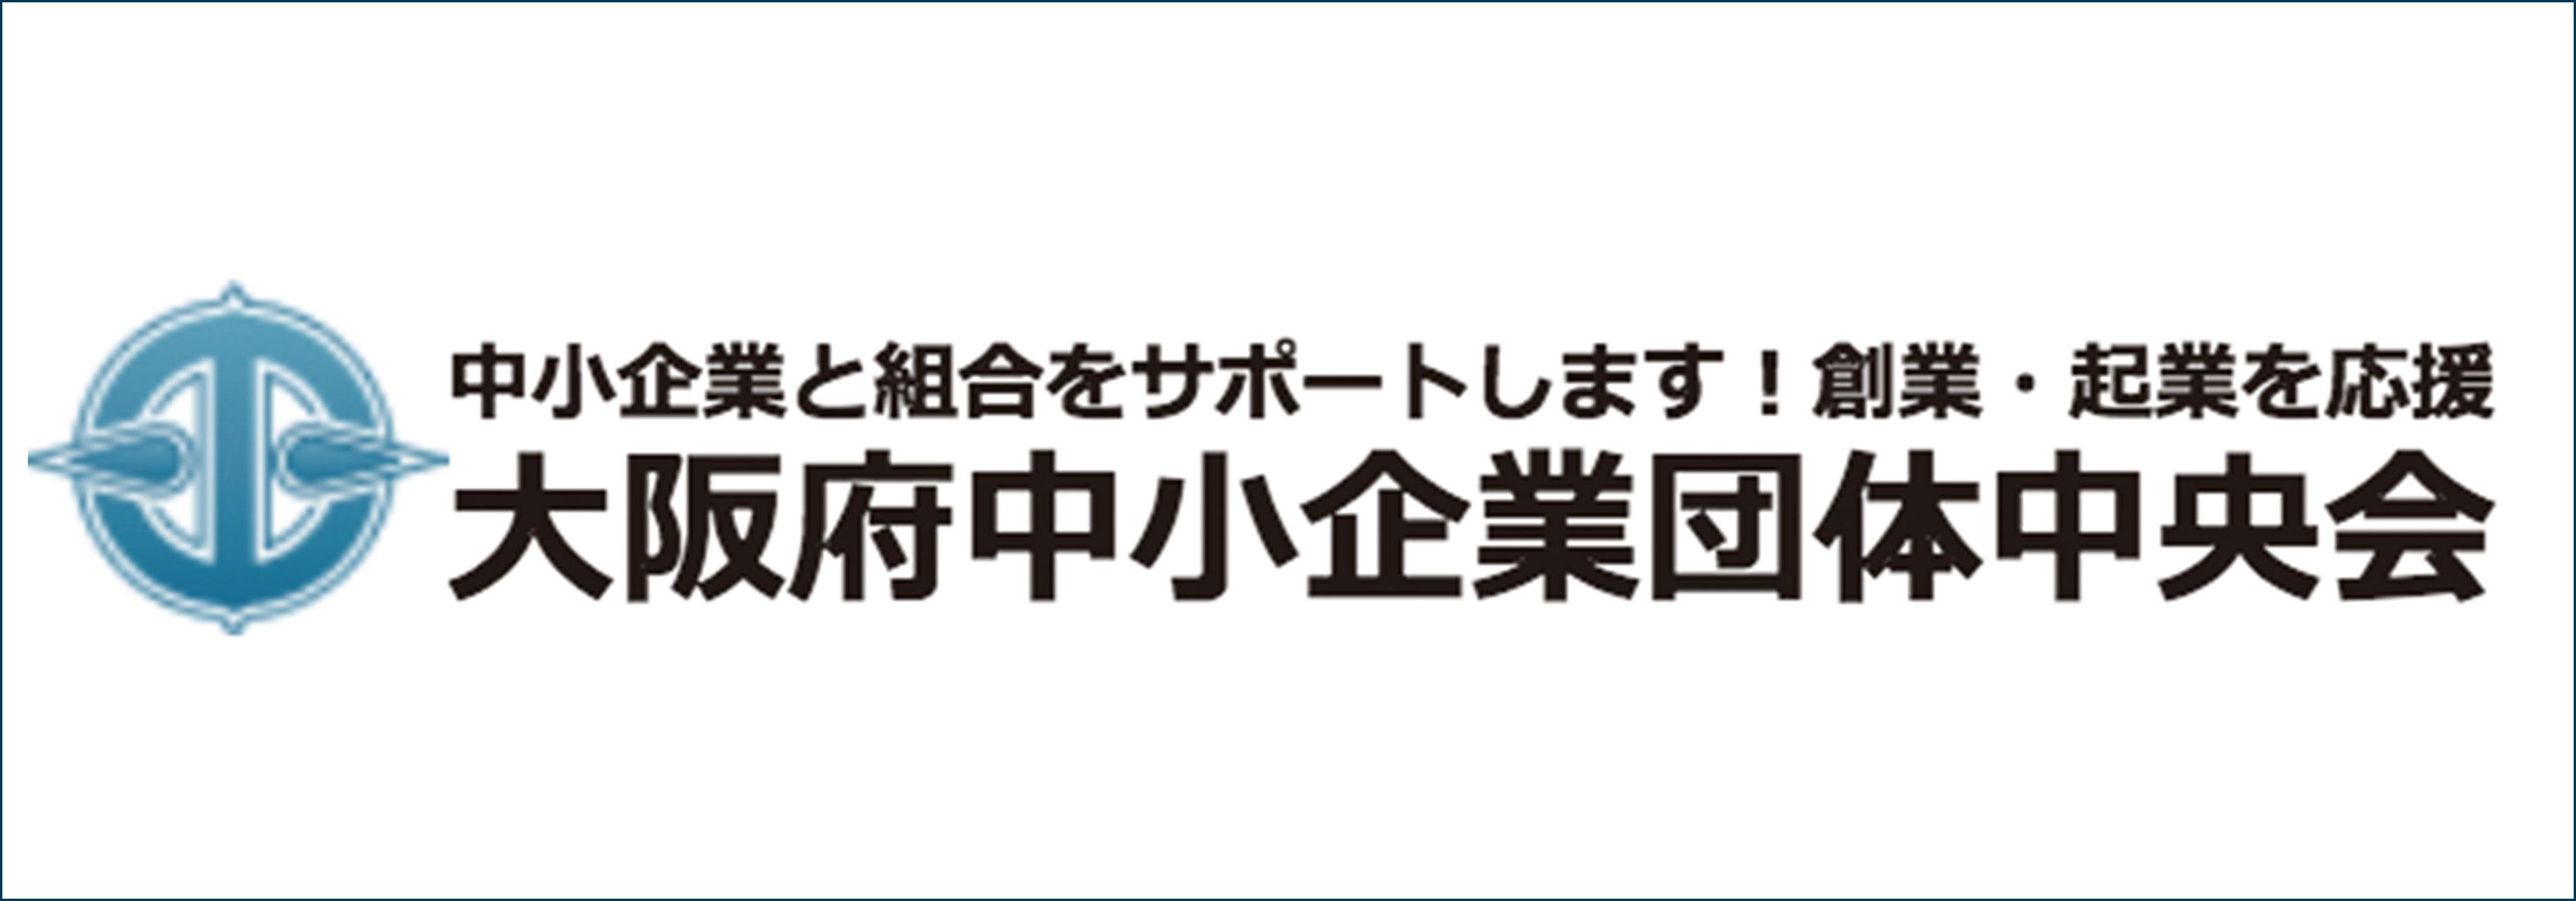 大阪府中小企業団体中央会